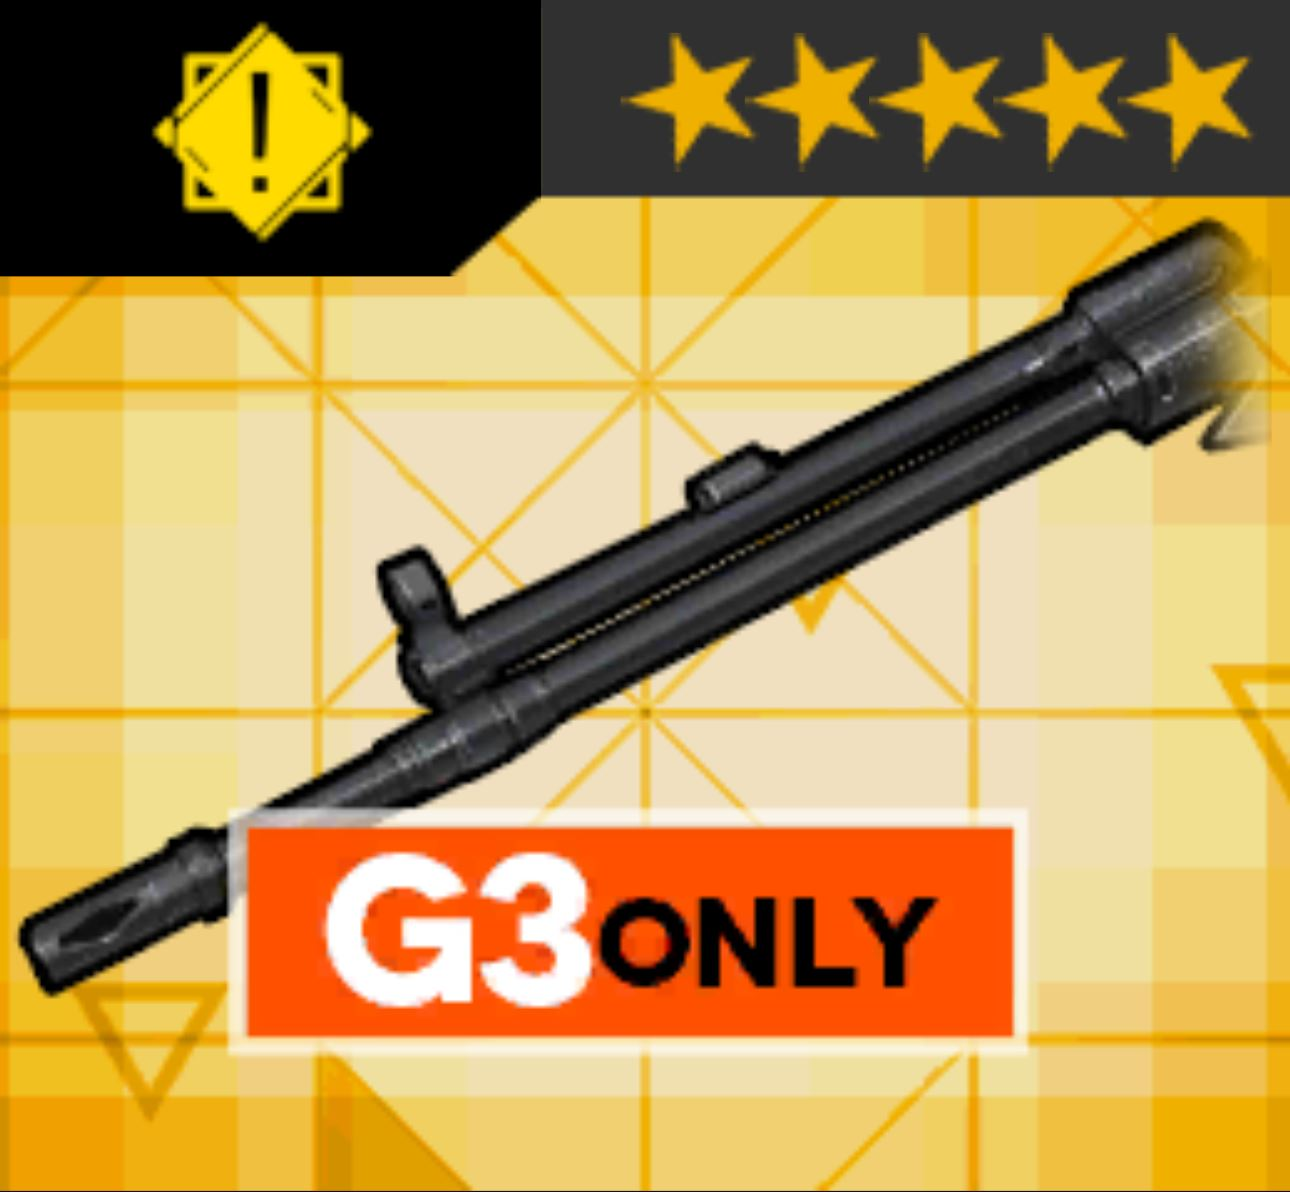 G3バレルキット_icon.jpg